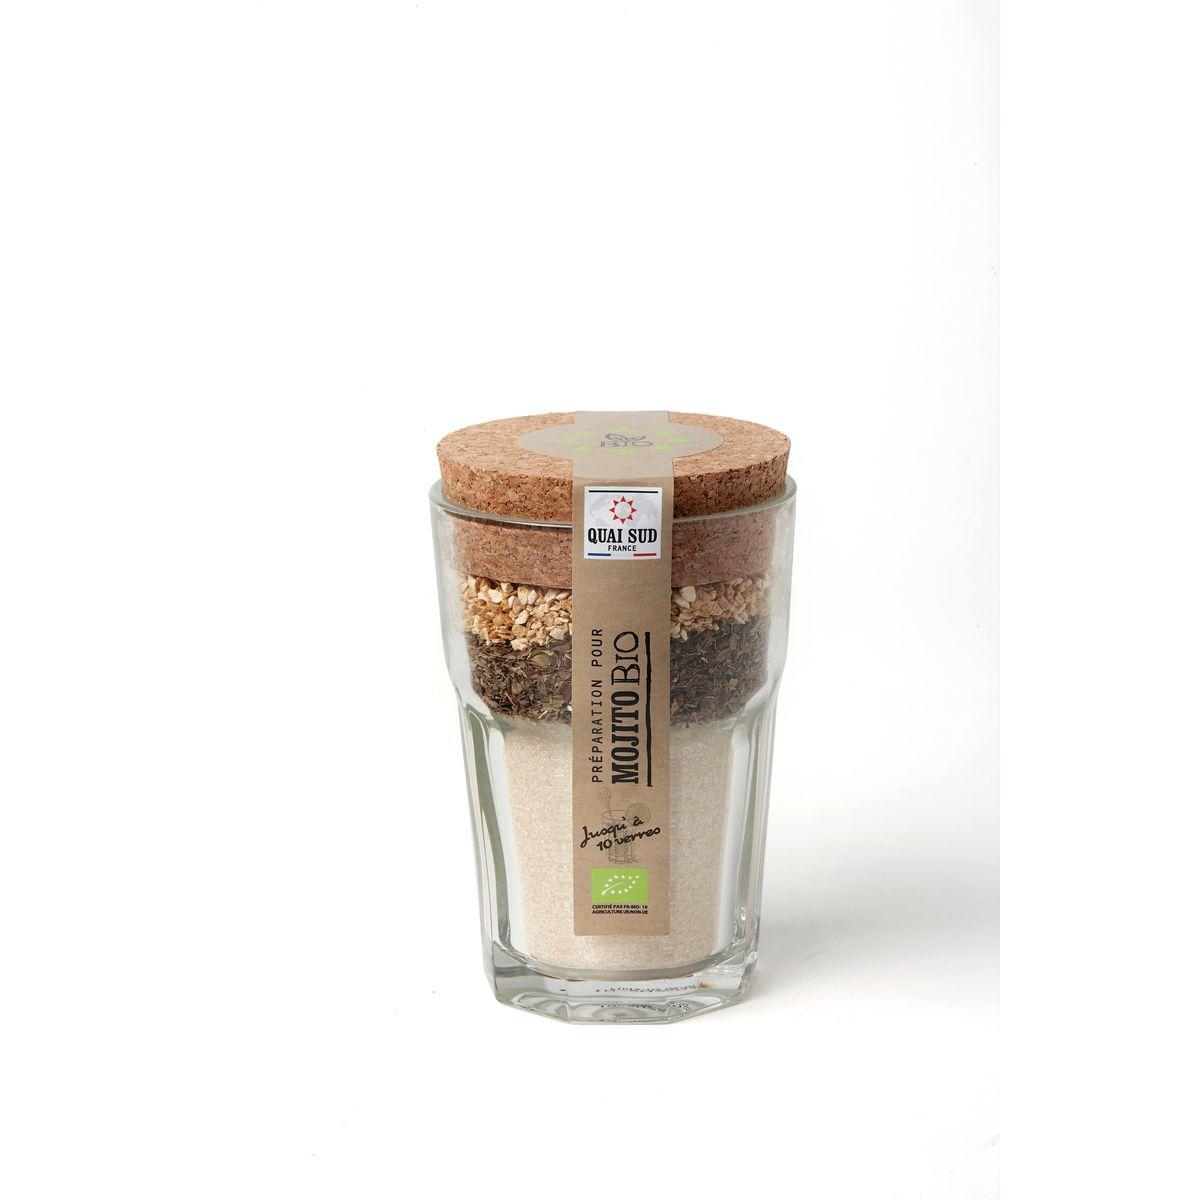 Mélange bio pour mojito en verre à mojito 180g - Quai Sud